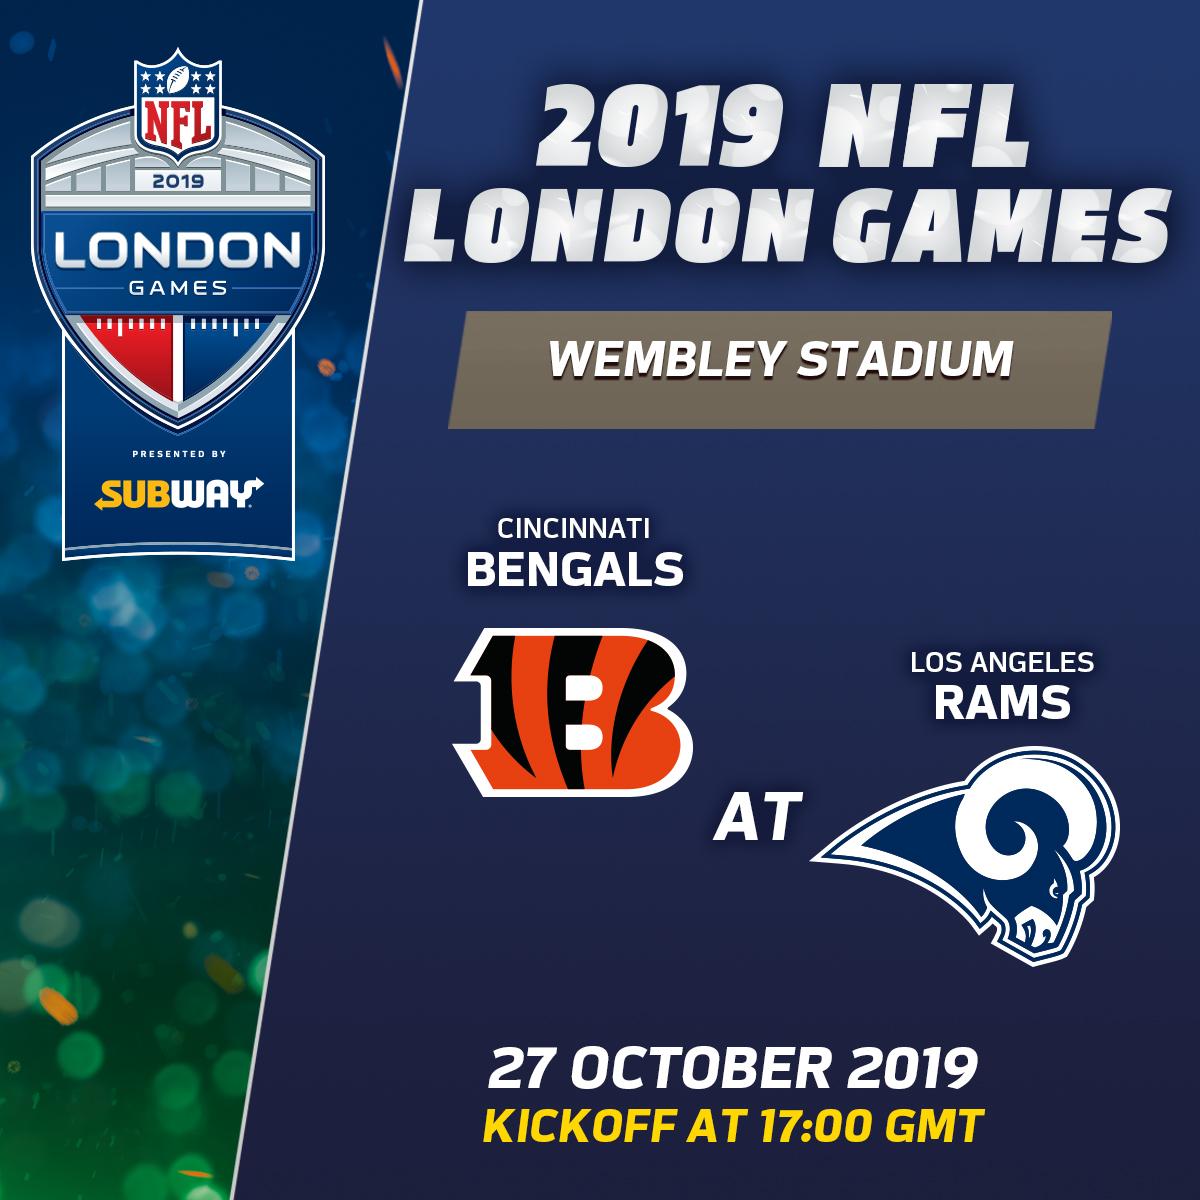 London Nfl Games 2020.Cincinnati Bengals V Los Angeles Rams